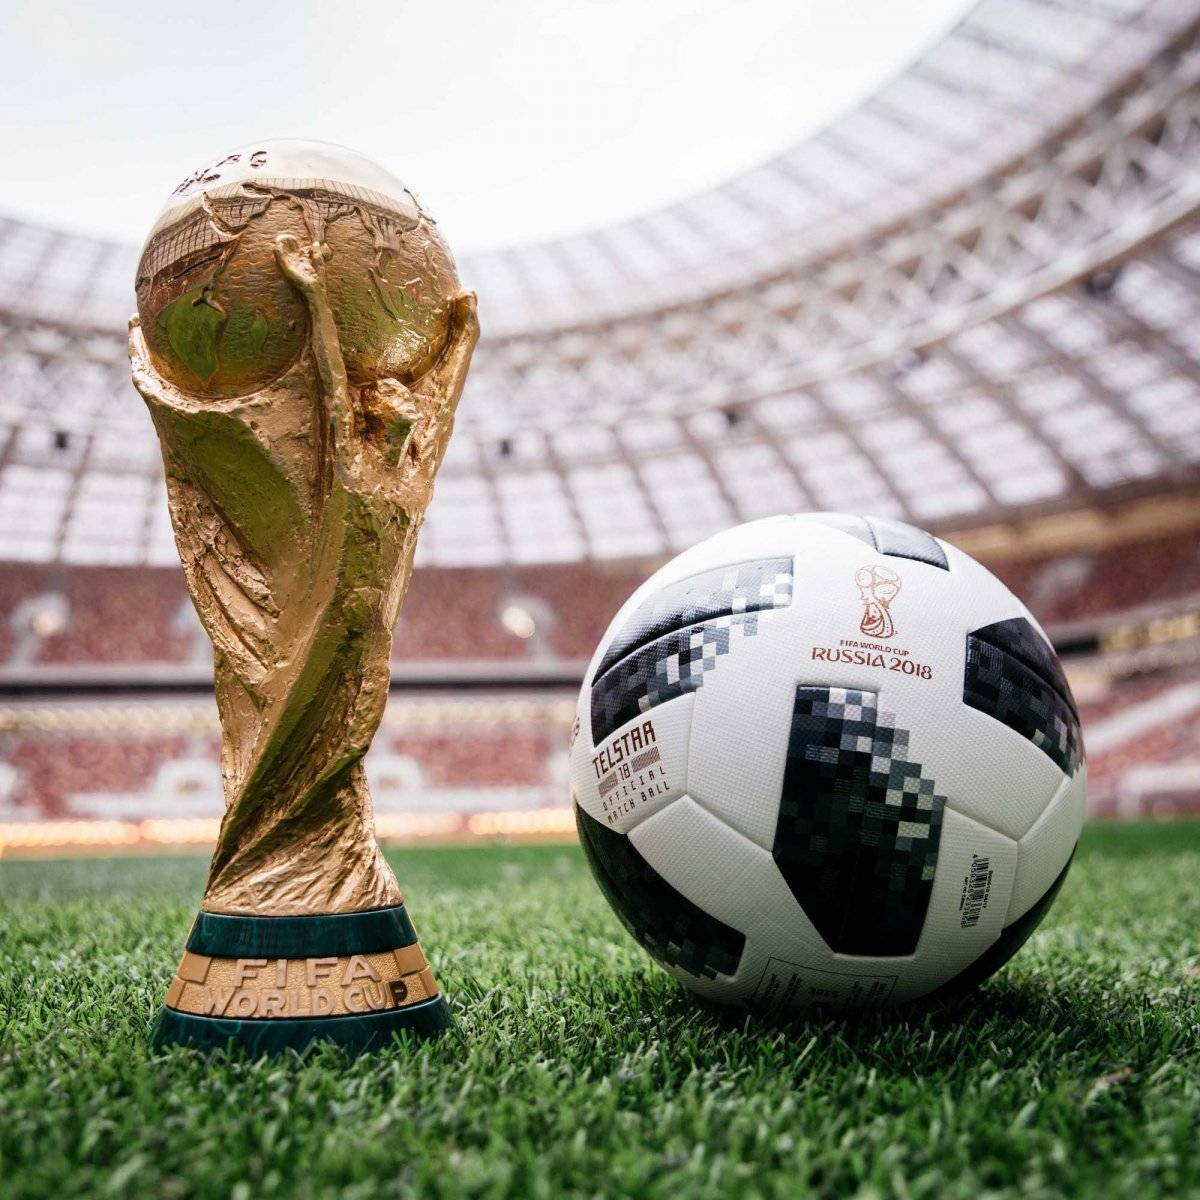 El balón tiene una nueva carcasa que retiene lo mejor de Brazuca, el Balón Oficial de la Copa Mundial de la FIFA 2014|ADIDAS El balón será utilizado durante el Mundial de Rusia 2018